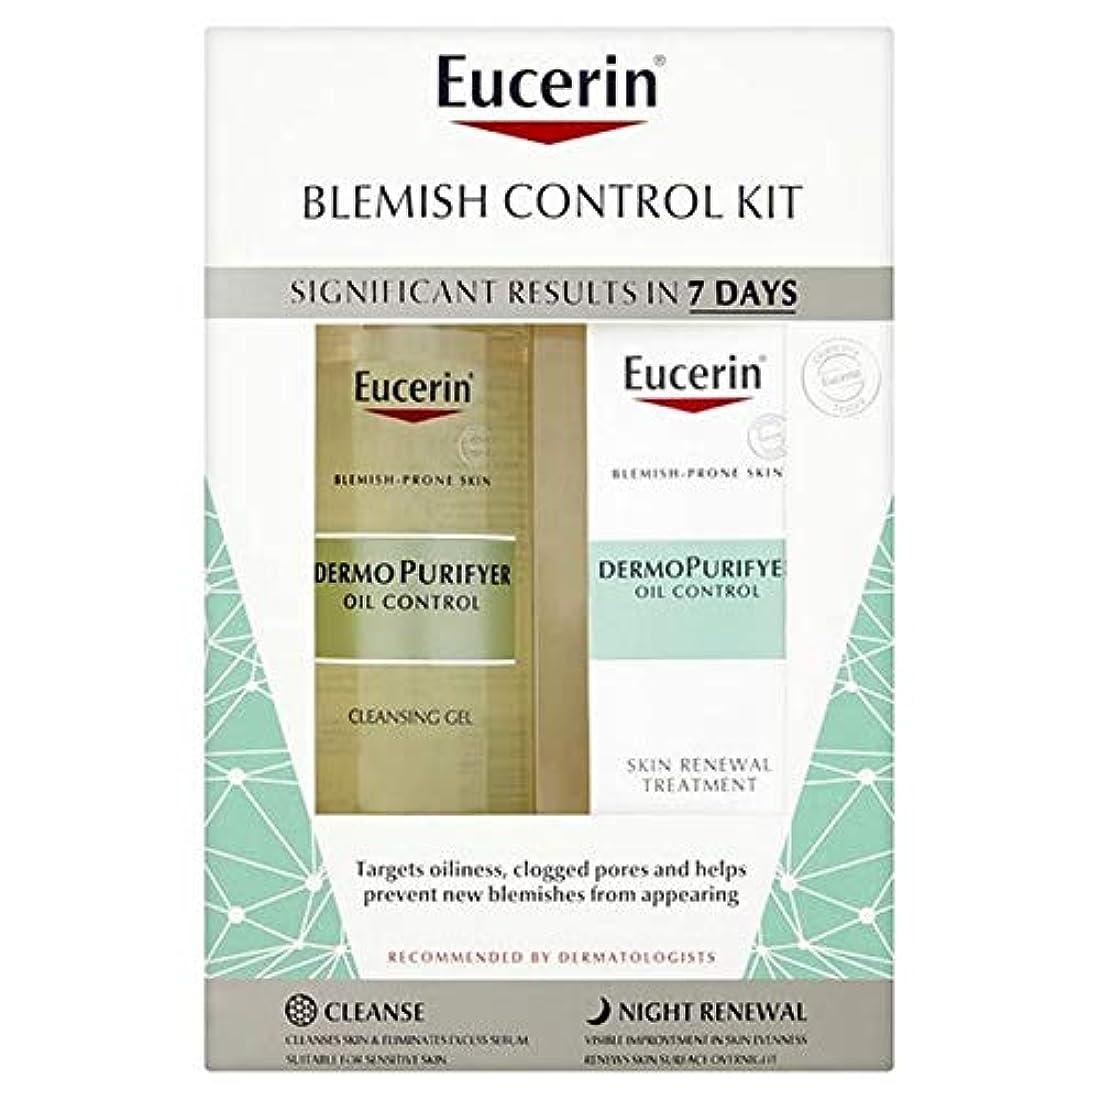 完璧おとなしい裂け目[Eucerin] ユーセリン傷制御キット - Eucerin Blemish Control Kit [並行輸入品]